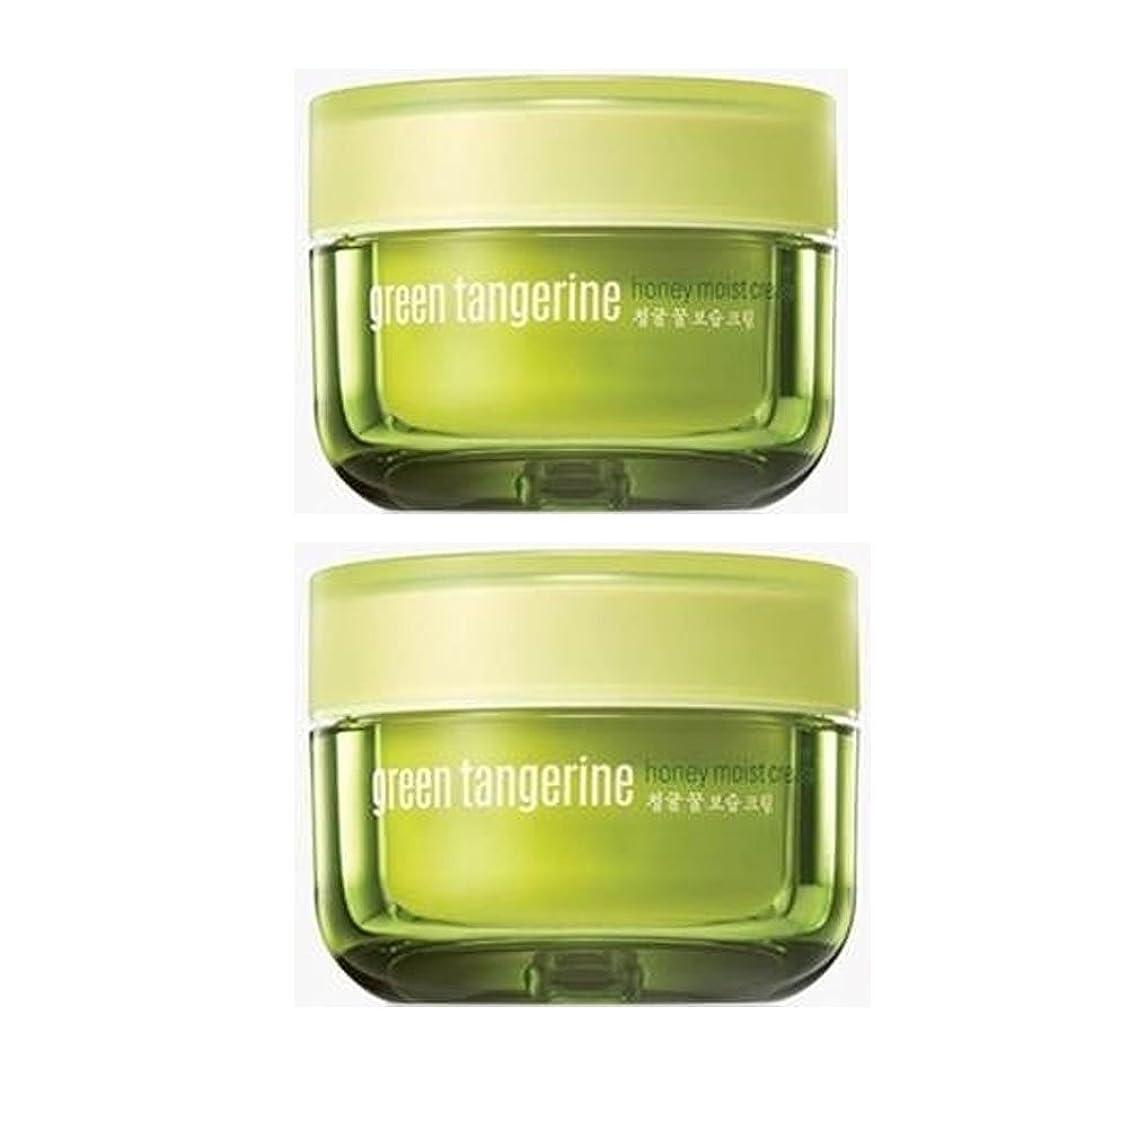 クリオグドール青みかん蜂蜜保湿クリーム 50ml x 2本セット, CLIO Goodal Green Tangerine Honey Moist Cream 50ml x 2ea Set [並行輸入品]